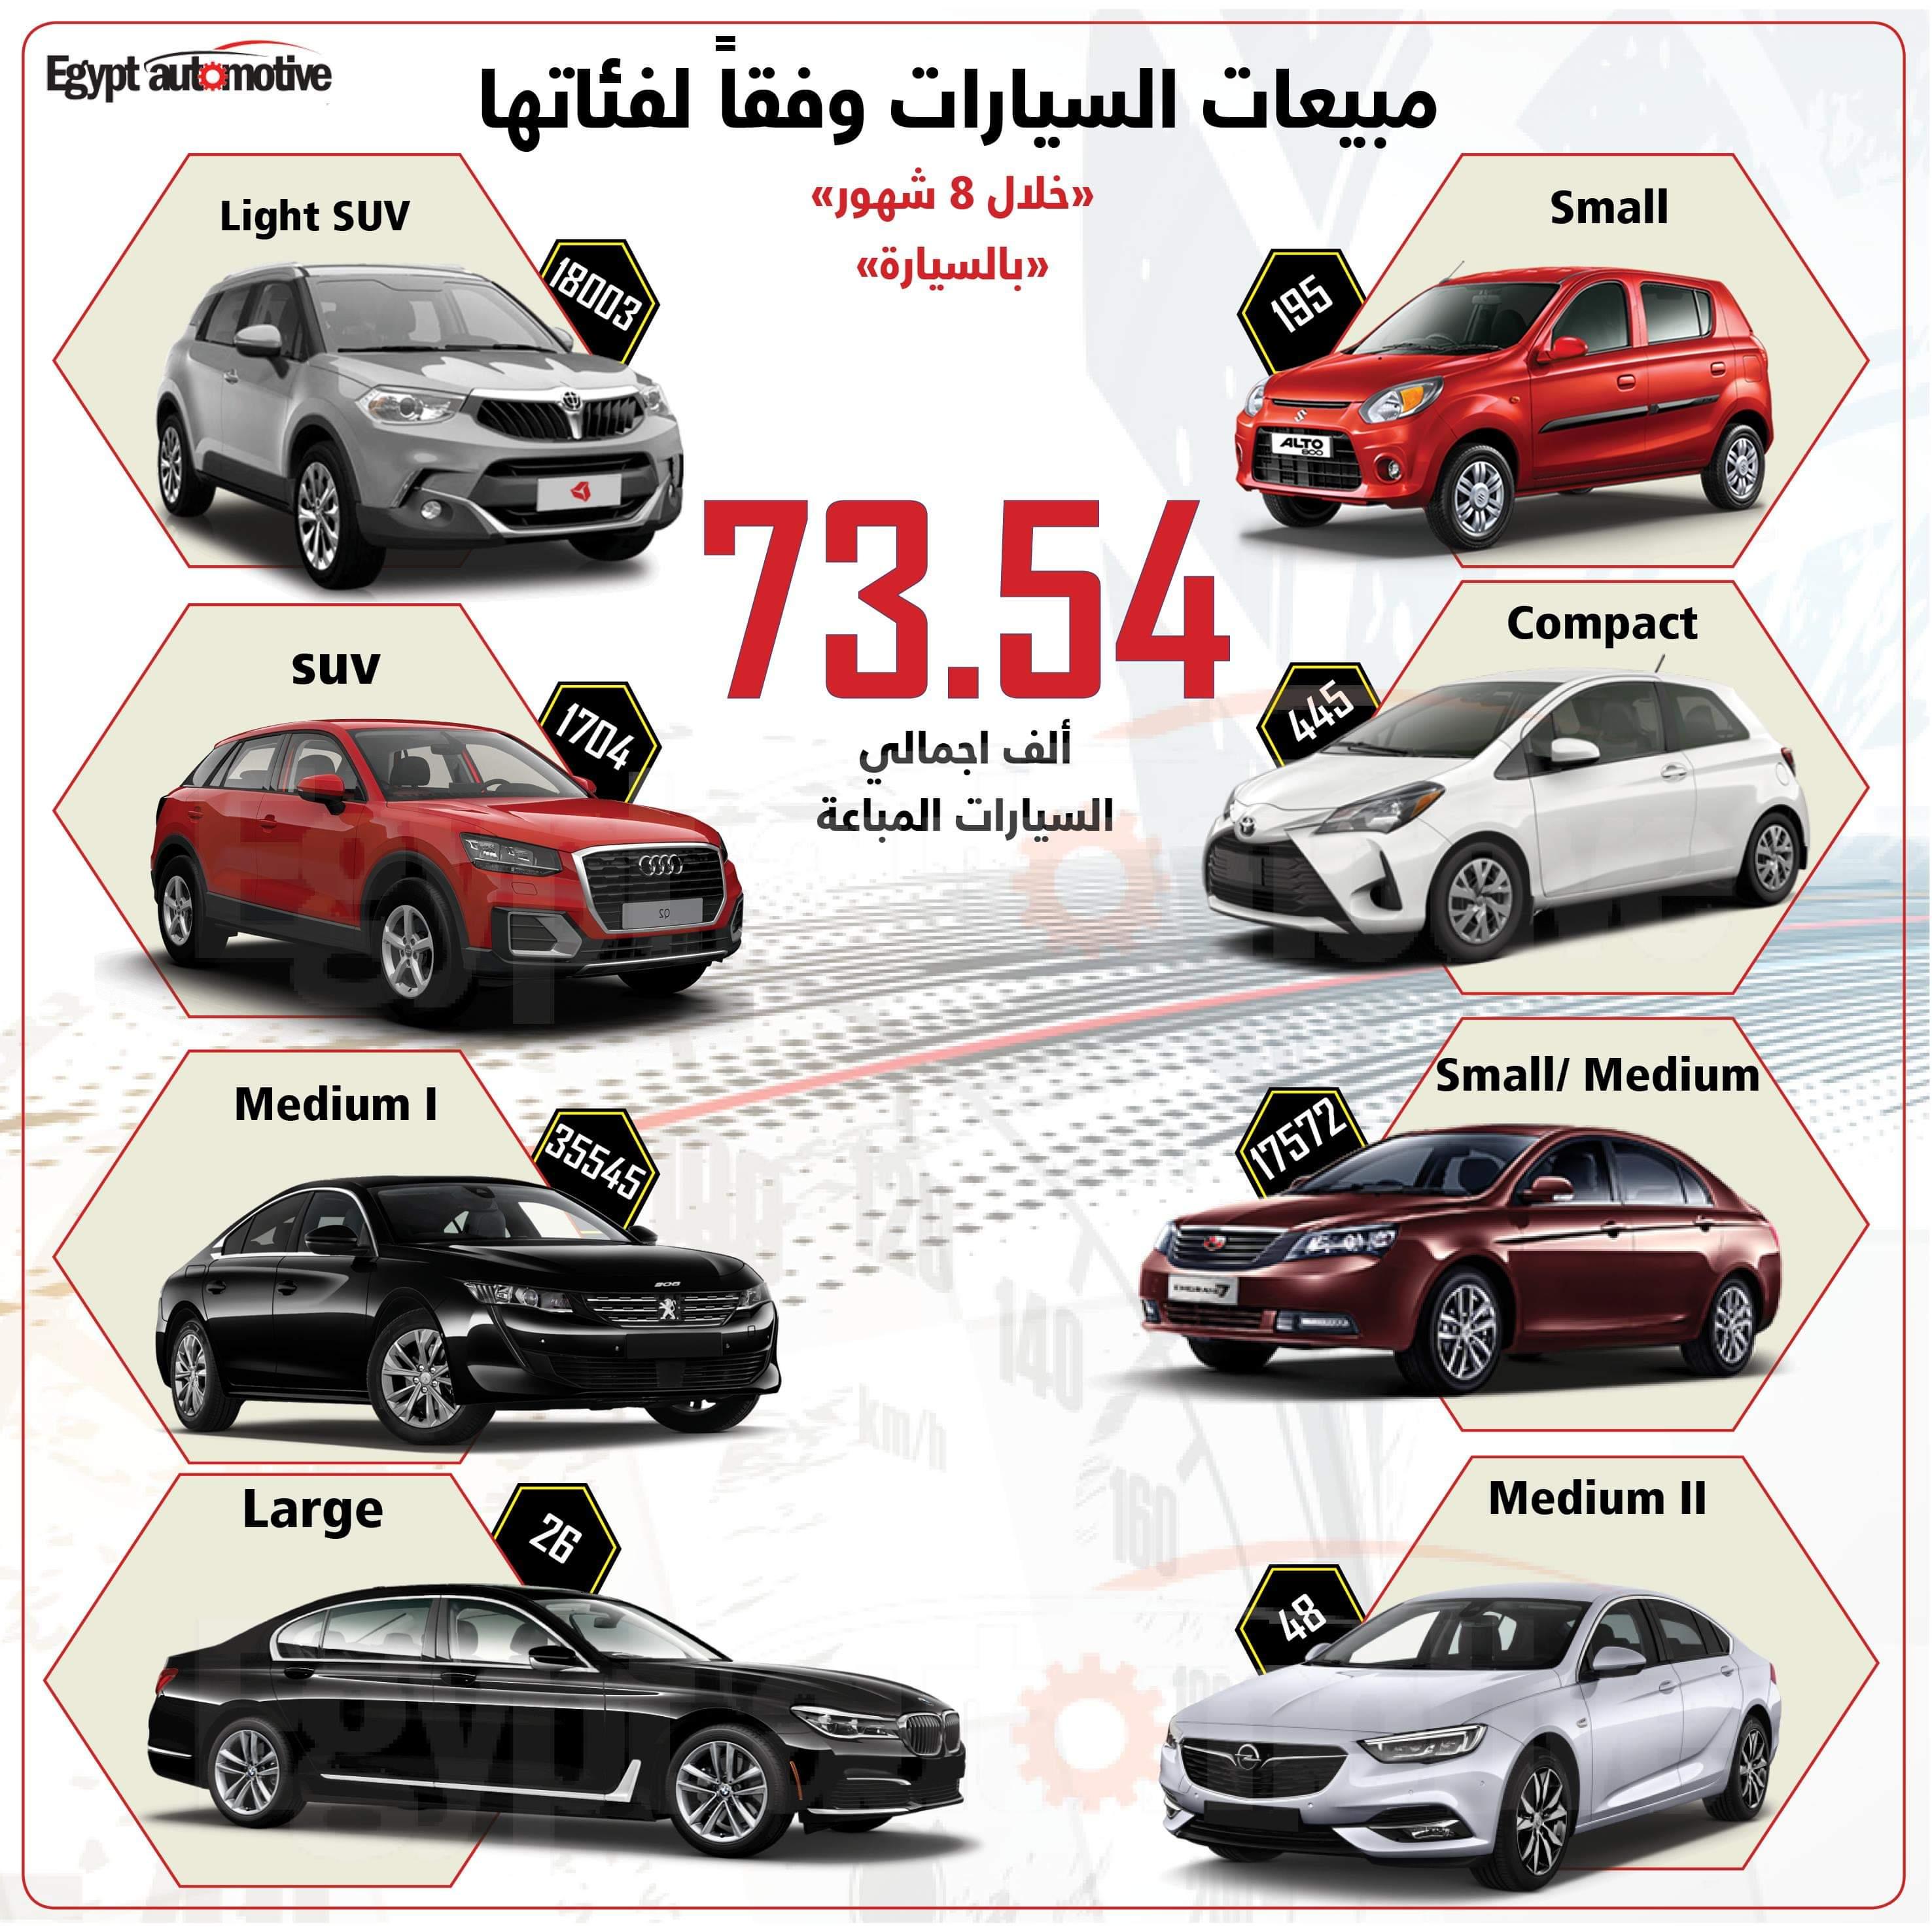 """سيارات الـ """"Light SUV""""تقتنص المركز الثاني في المبيعات خلال 8 أشهر"""